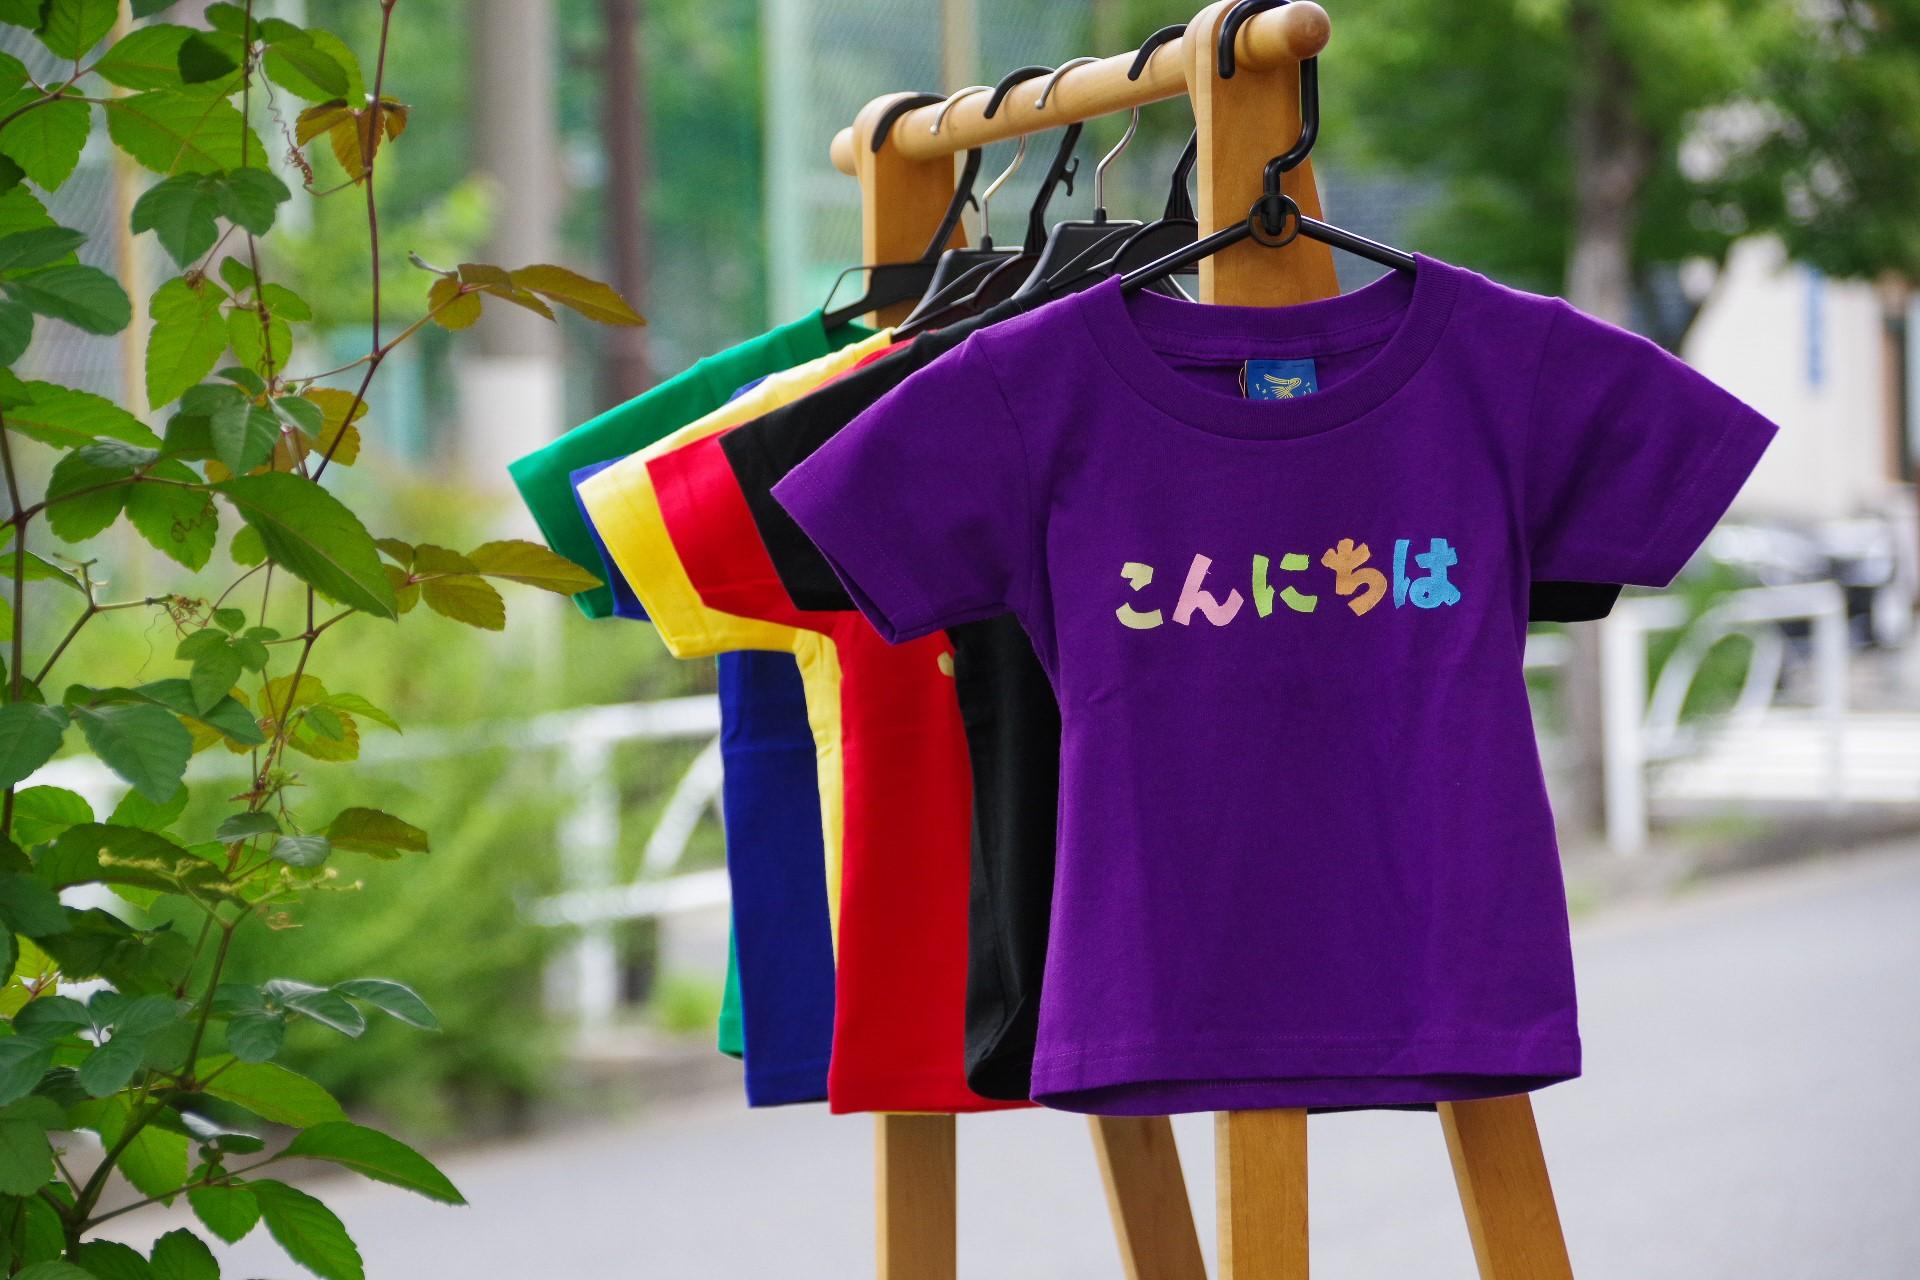 """日本に住む外国人と日本人をつなげる、""""ひらがなネット""""の吉澤弥重子さんの「こんにちはTシャツ」。着ているこどもも、見かけたおとなも、観光をしに来た外国人もみんなで「こんにちは」とあいさつしたくなるTシャツをデザイン。"""